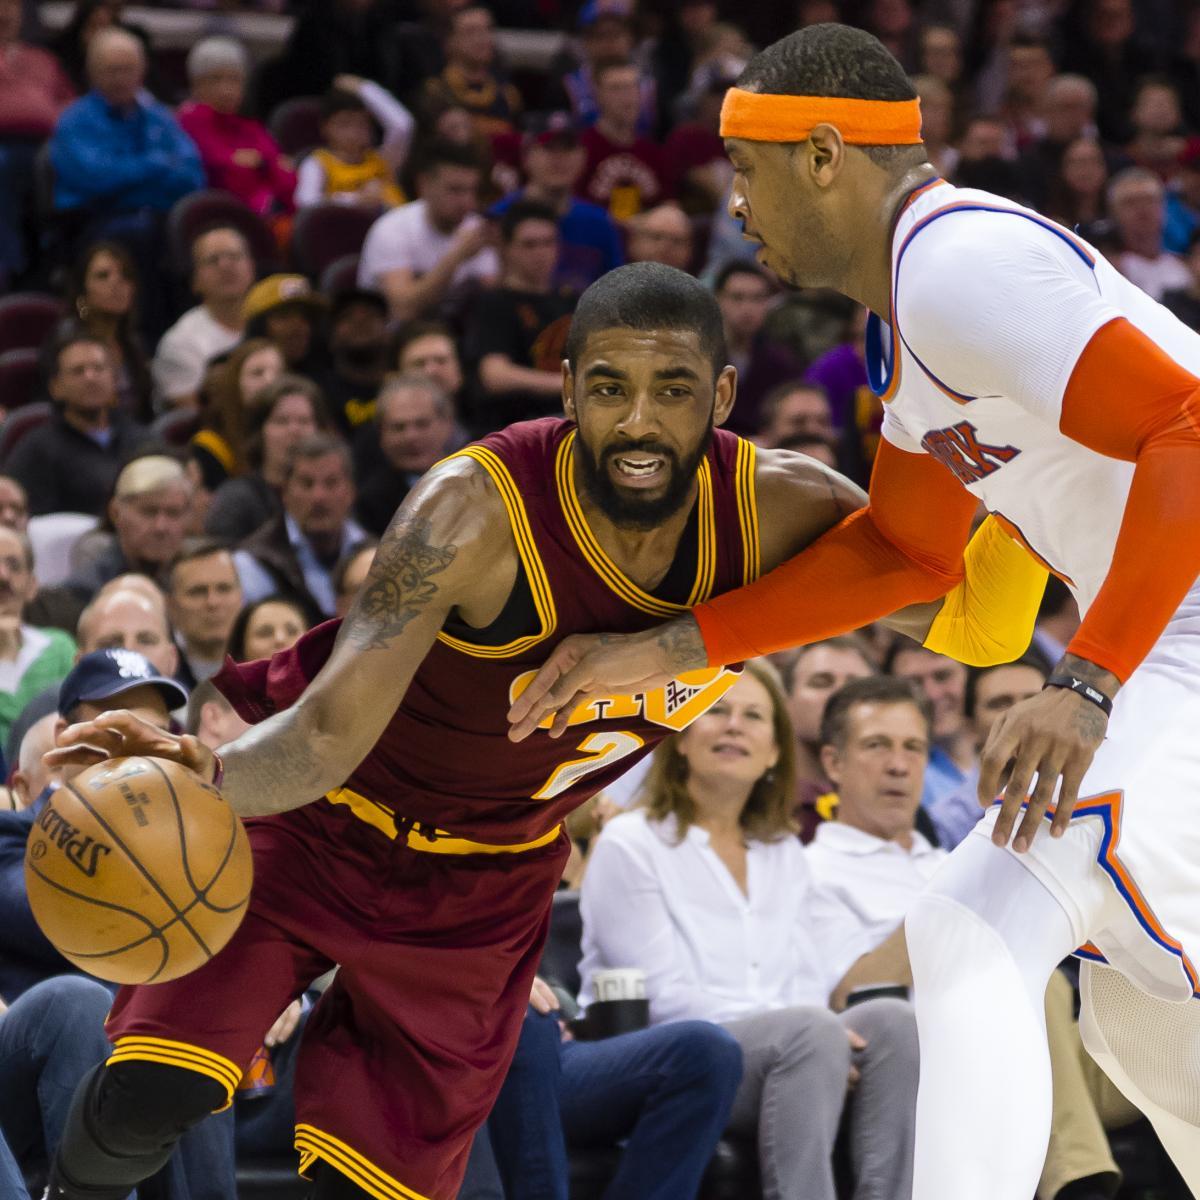 Warriors Timberwolves Full Game Highlights: 'The Full 48' Podcast: ESPN's Kevin Pelton Talks NBA